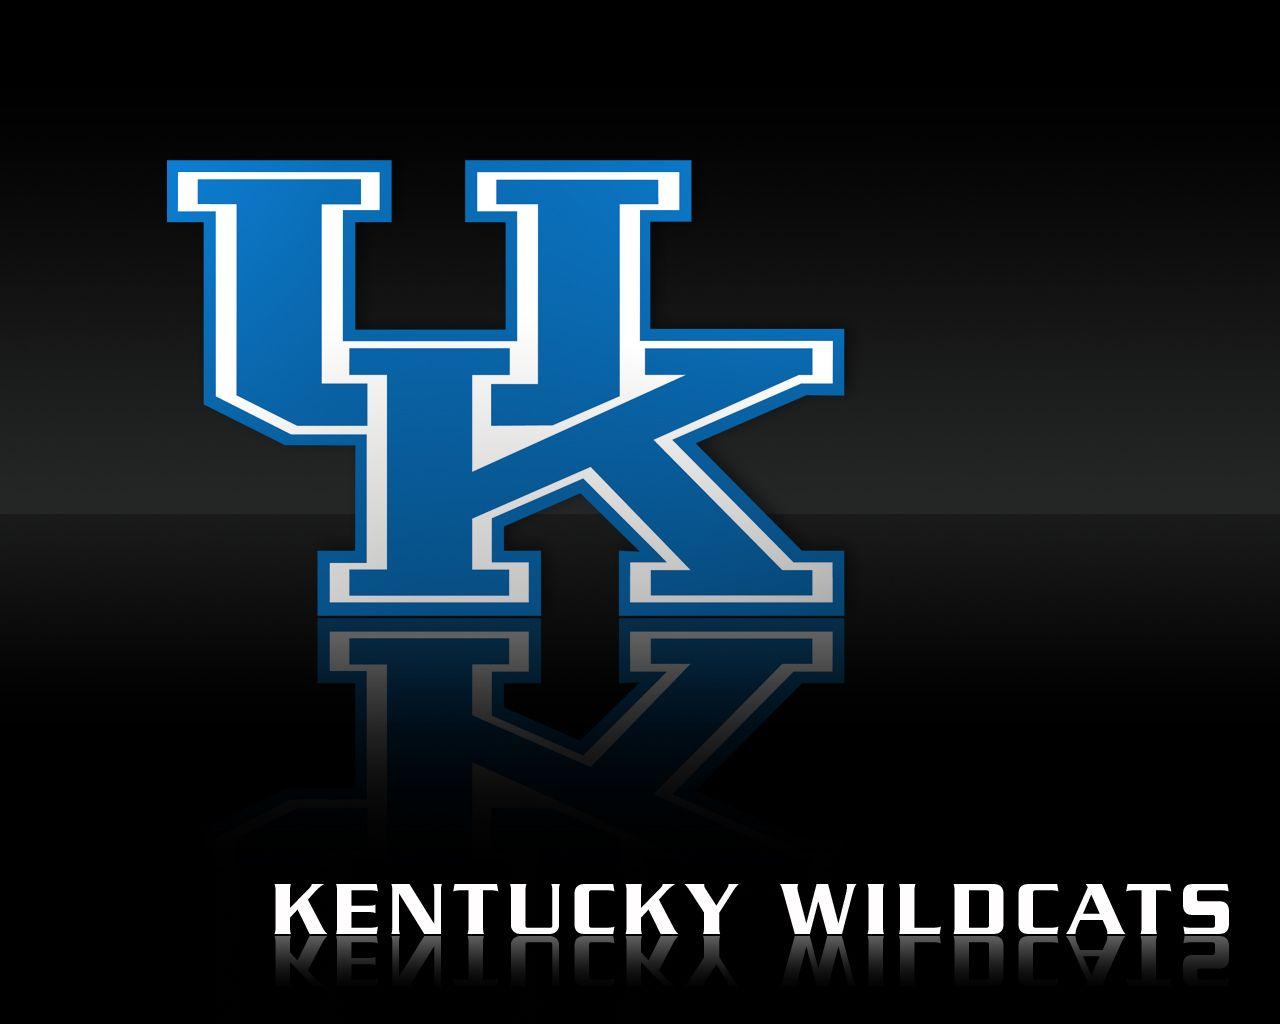 kentucky wildcats final four wallpaper free desktop 1024×768